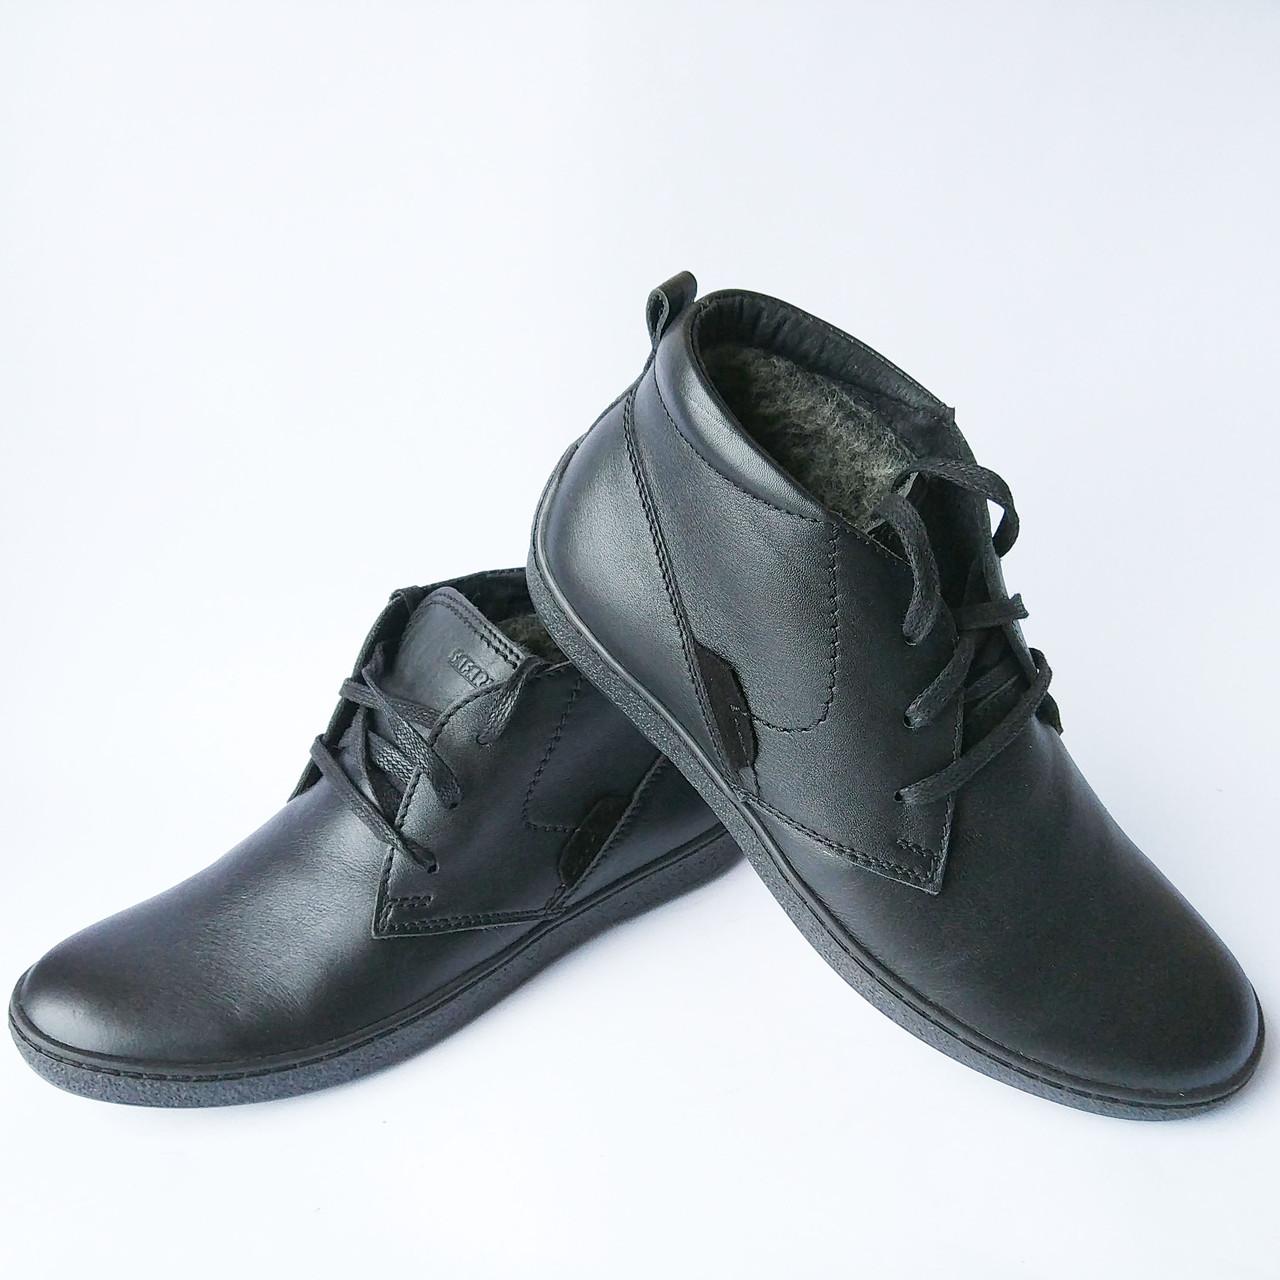 8b38d8ff3072 Зимняя мужская обувь украинских производителей   кожаные ботинки, черного  цвета, на меху, фабрики